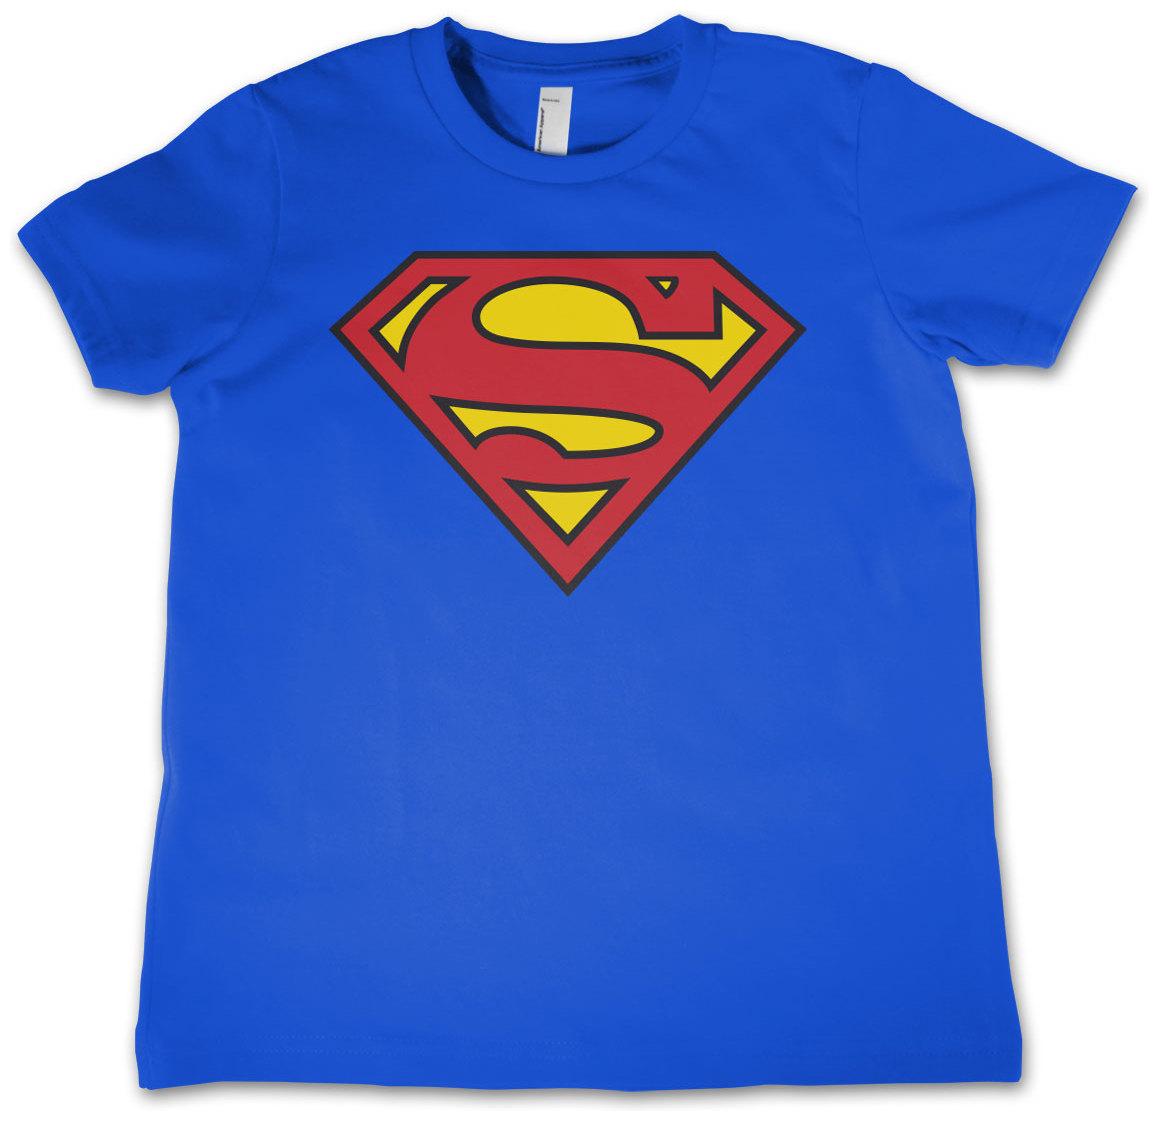 superman t shirt logo barn. Black Bedroom Furniture Sets. Home Design Ideas